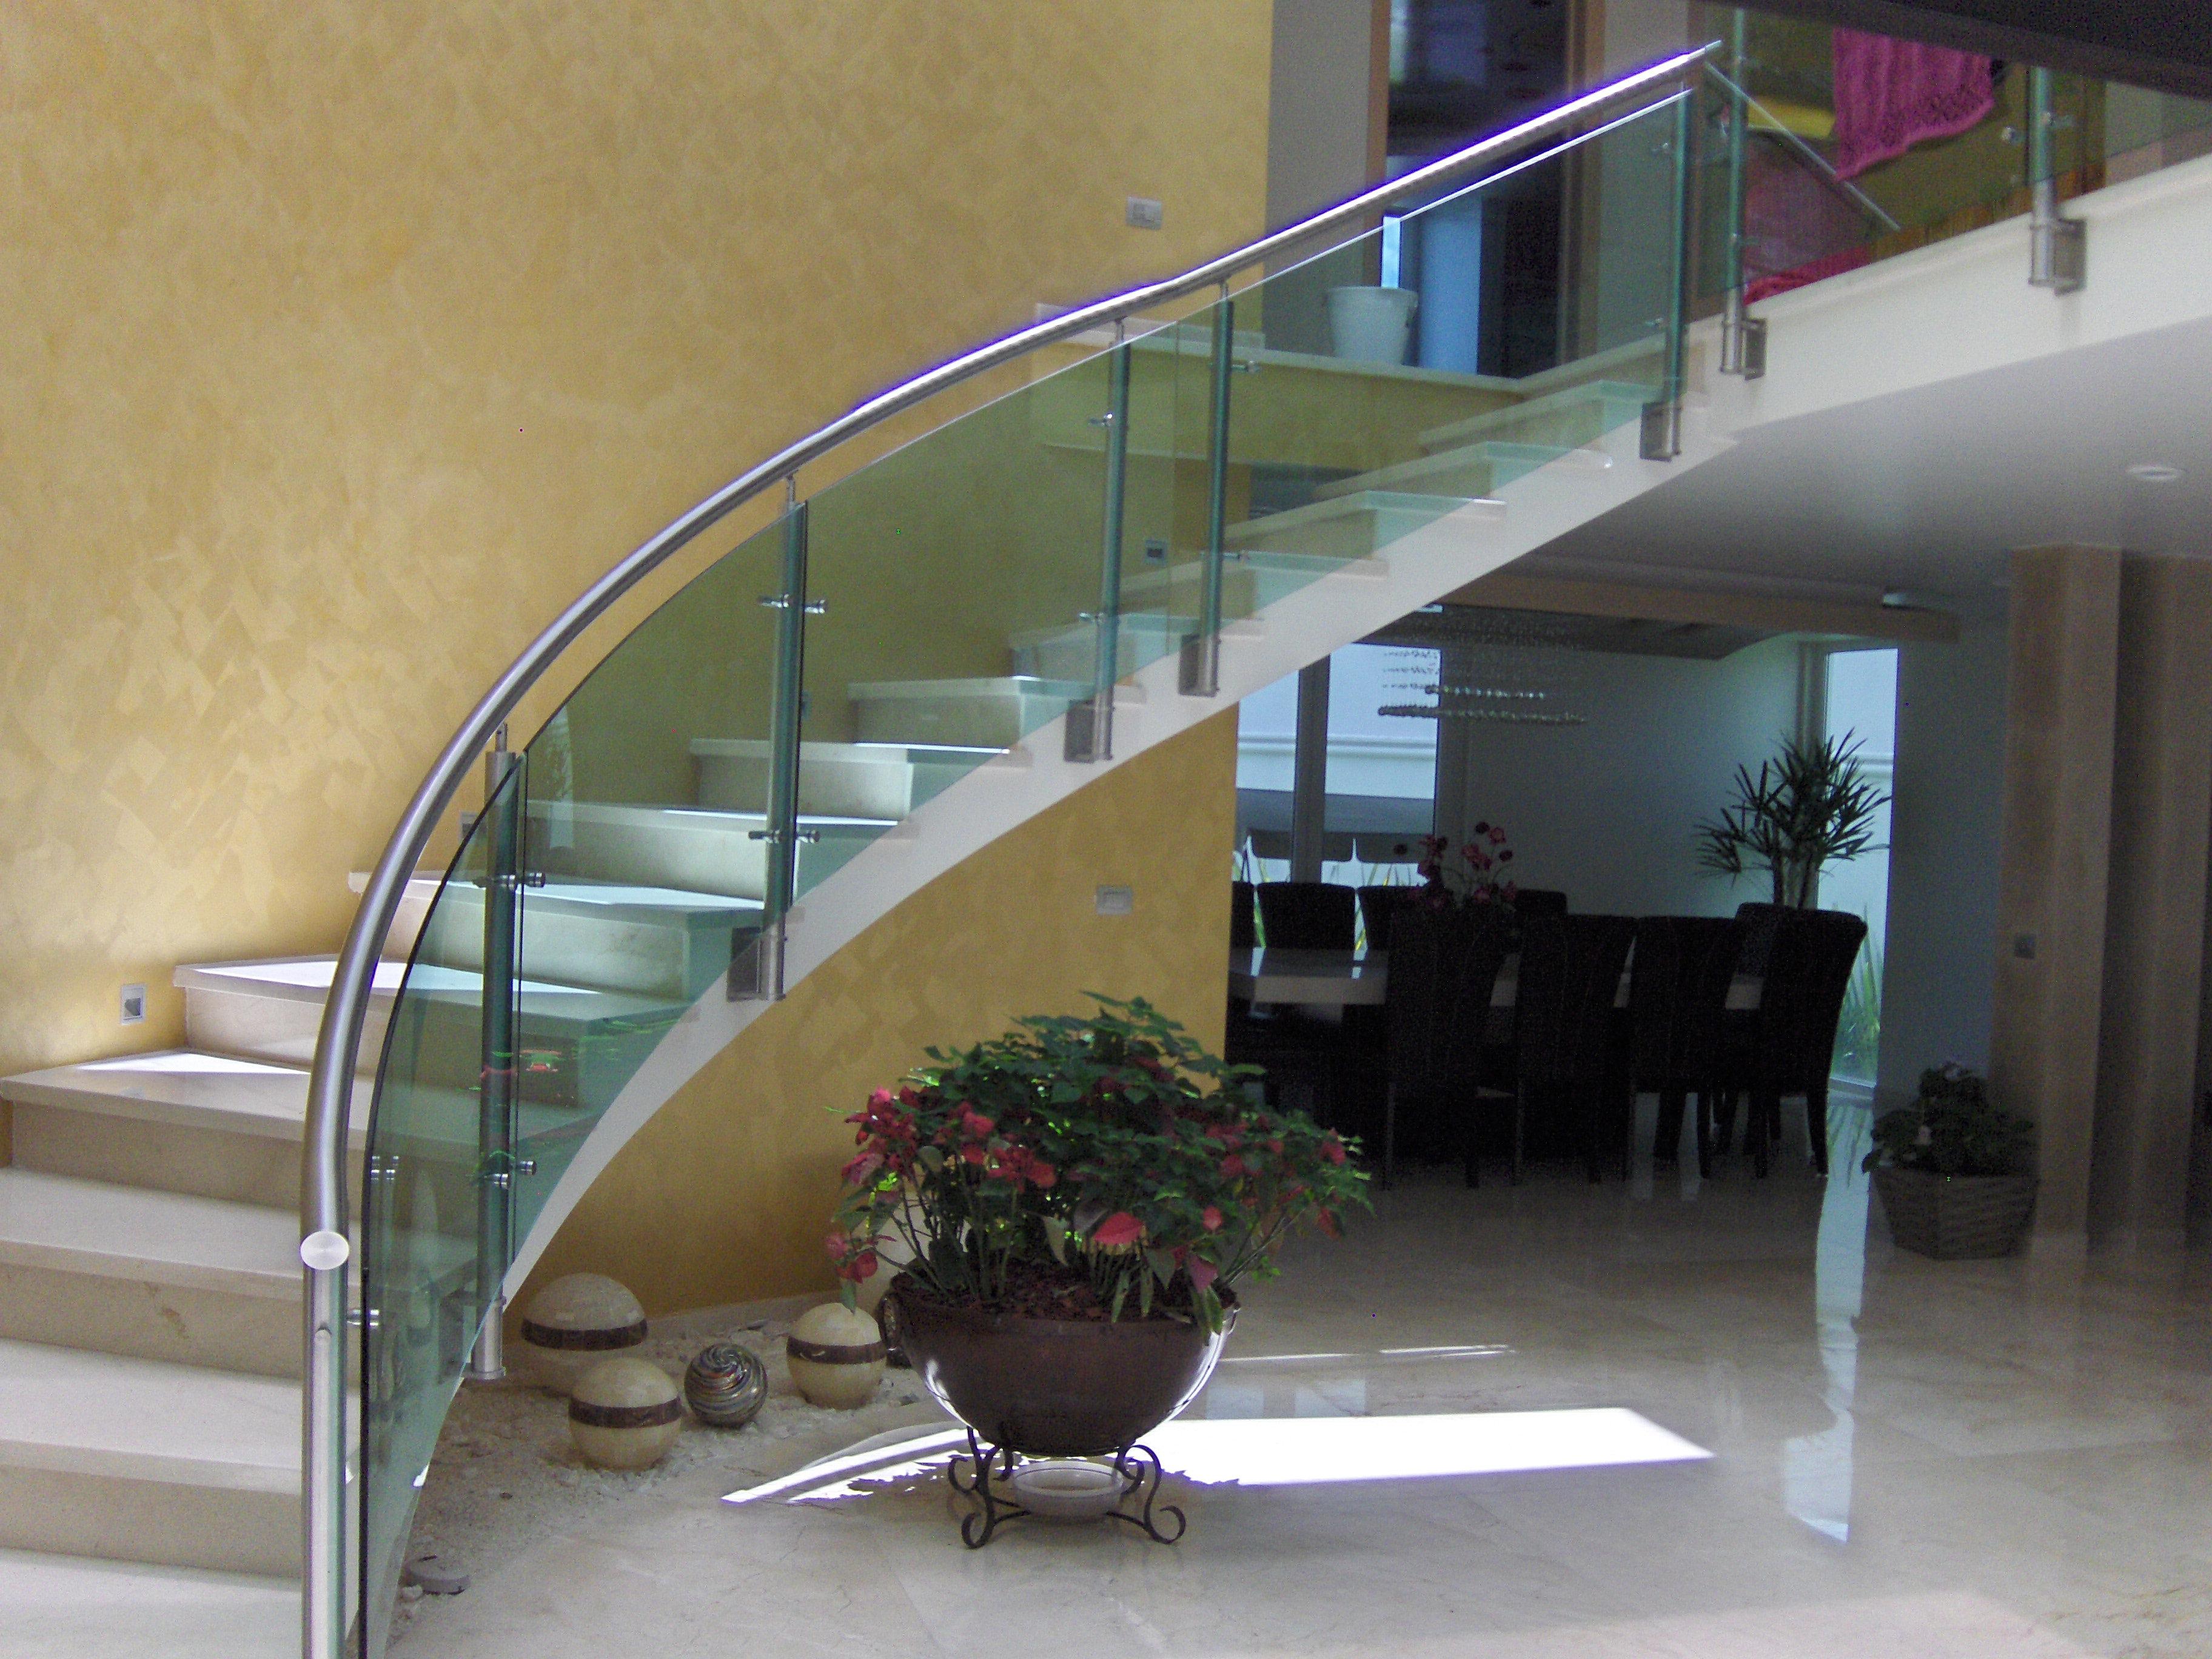 Mebinox barandales y muebles en acero inoxidable pachuca hgo barandal curbo con cristal - Escaleras con cristal ...